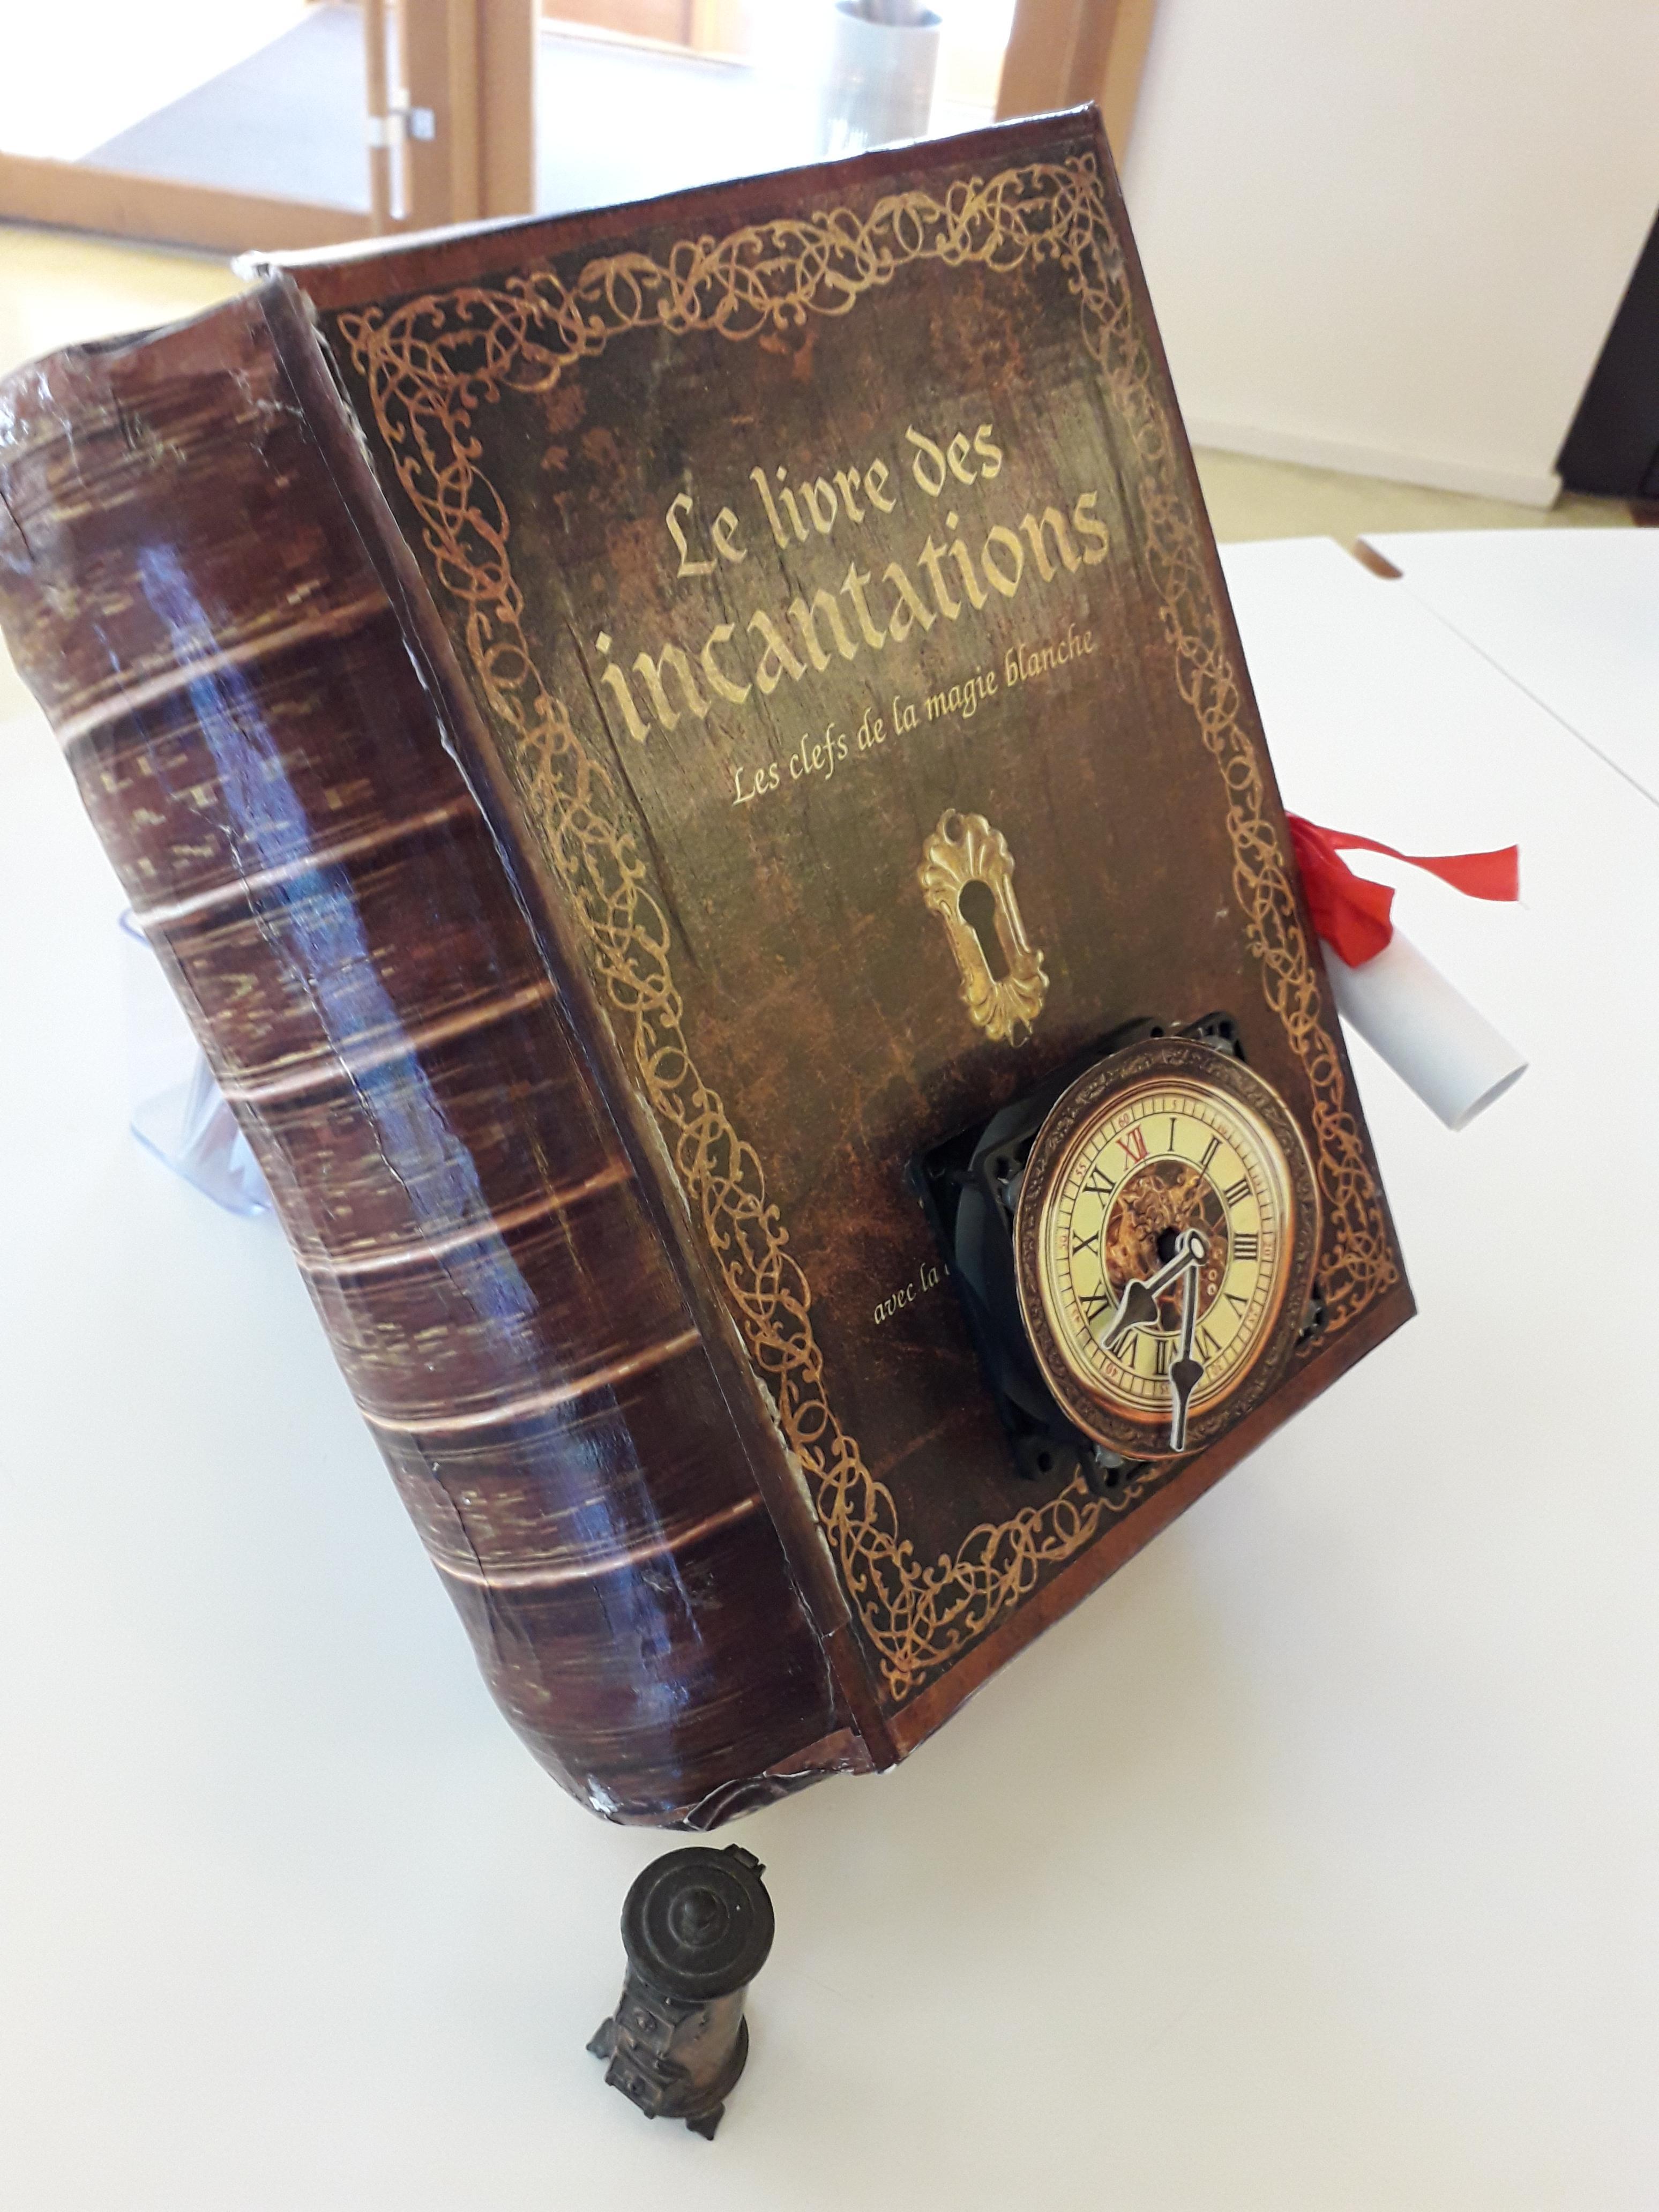 Un manuscrit secret retrouvé à la médiathèque...